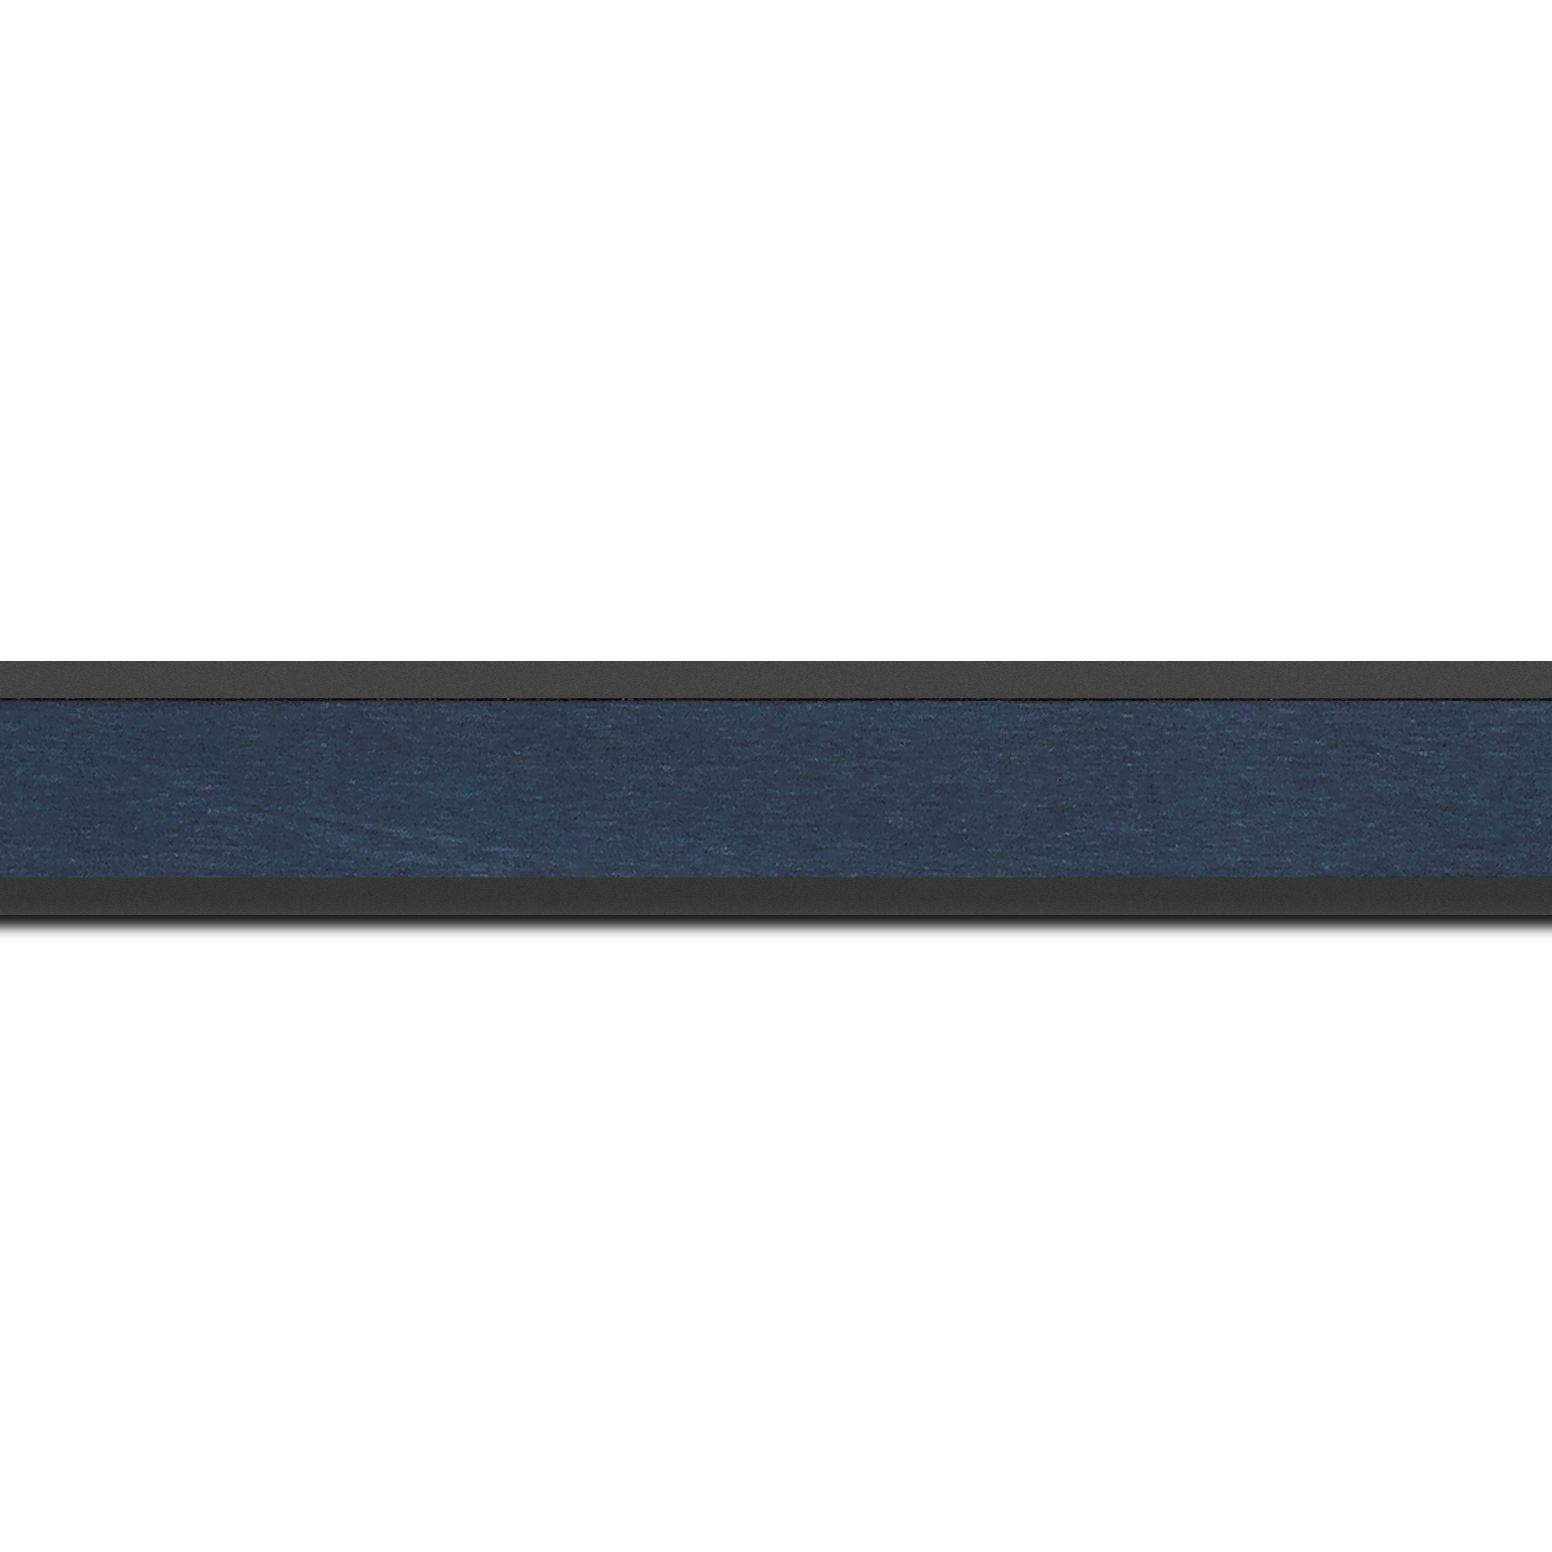 Pack par 12m, bois essence marupa profil plat largeur 2.5cm plaquage érable teinté bleu foncé,  filet intérieur et extérieur gris foncé (longueur baguette pouvant varier entre 2.40m et 3m selon arrivage des bois)